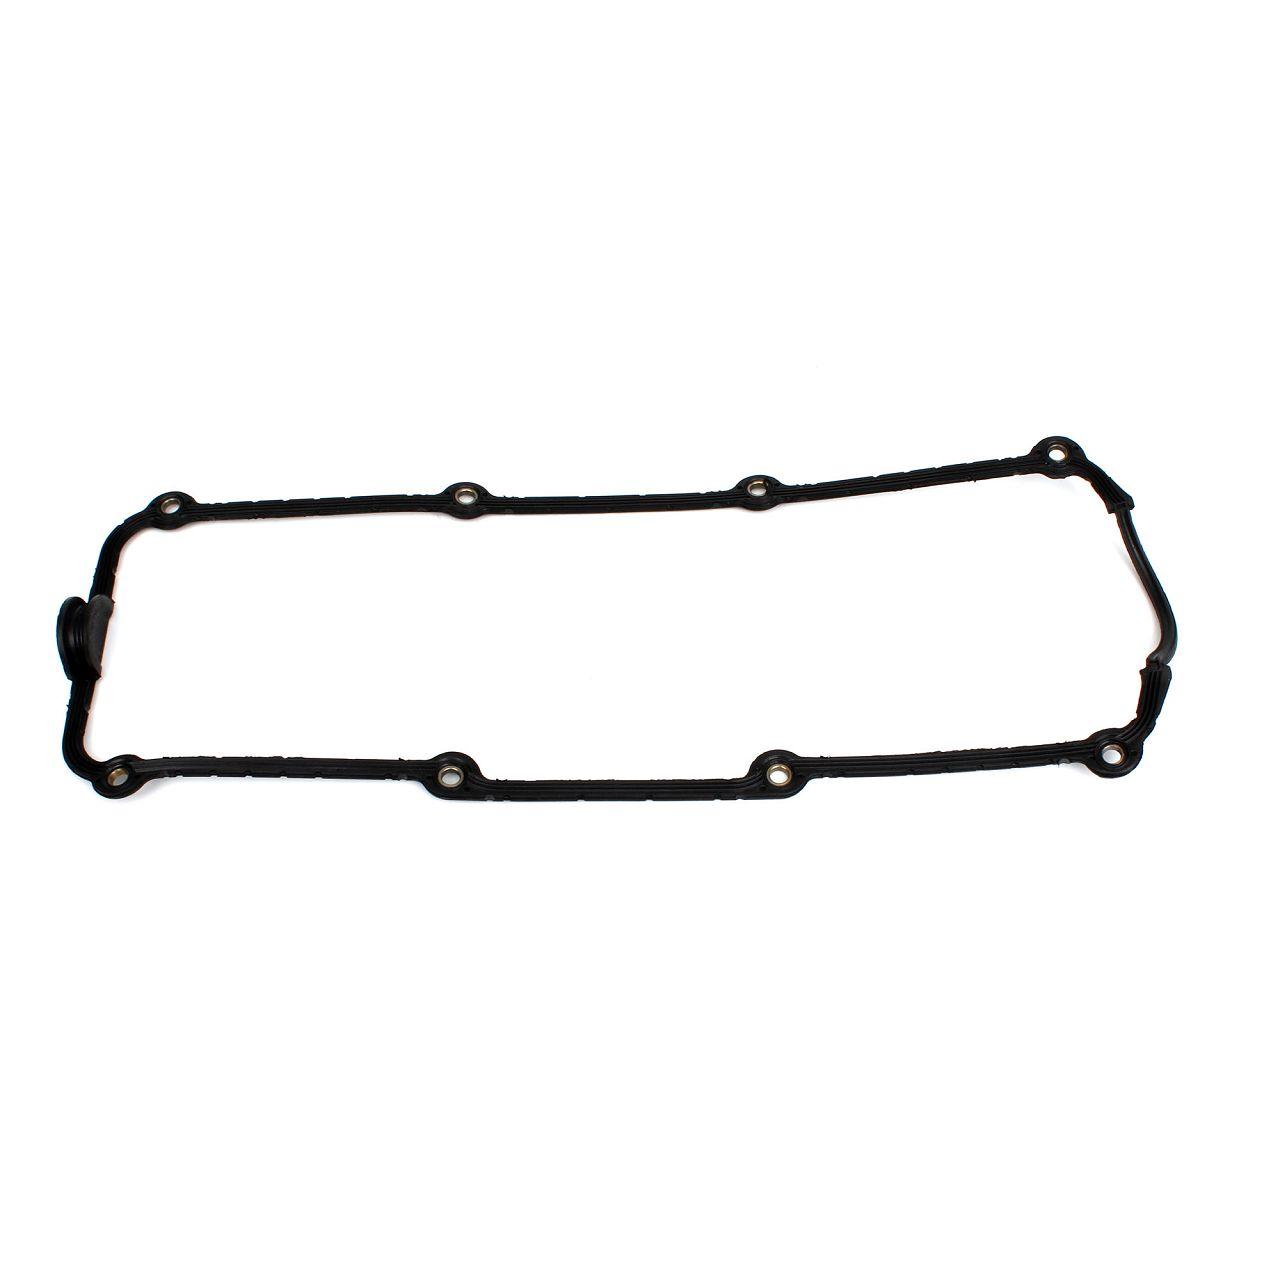 Ventildeckeldichtung Zylinderkopfhaube für Audi Seat Skoda VW 051103483A